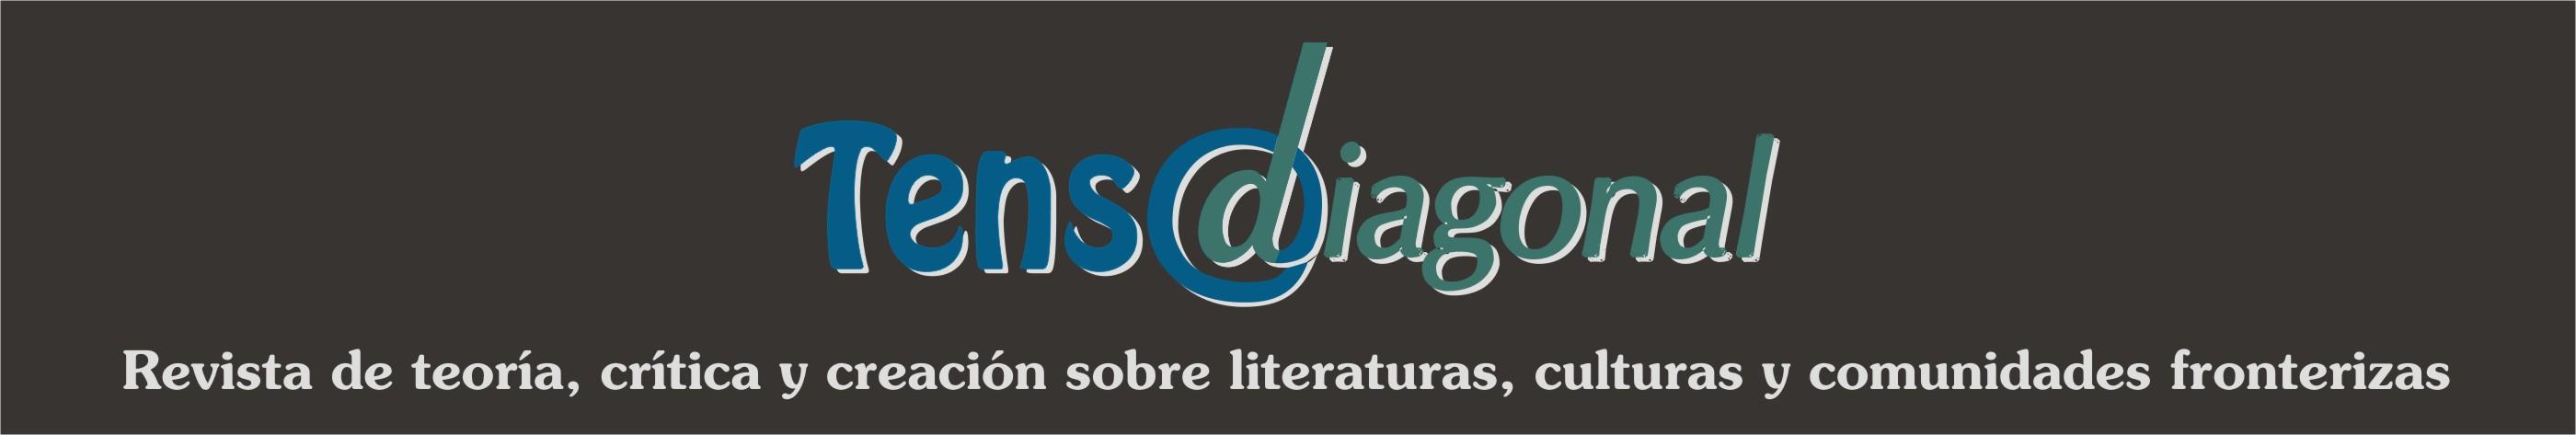 Tenso Diagonal. Revista de teoría, crítica y creación sobre literaturas, culturas y comunidades fronterizas